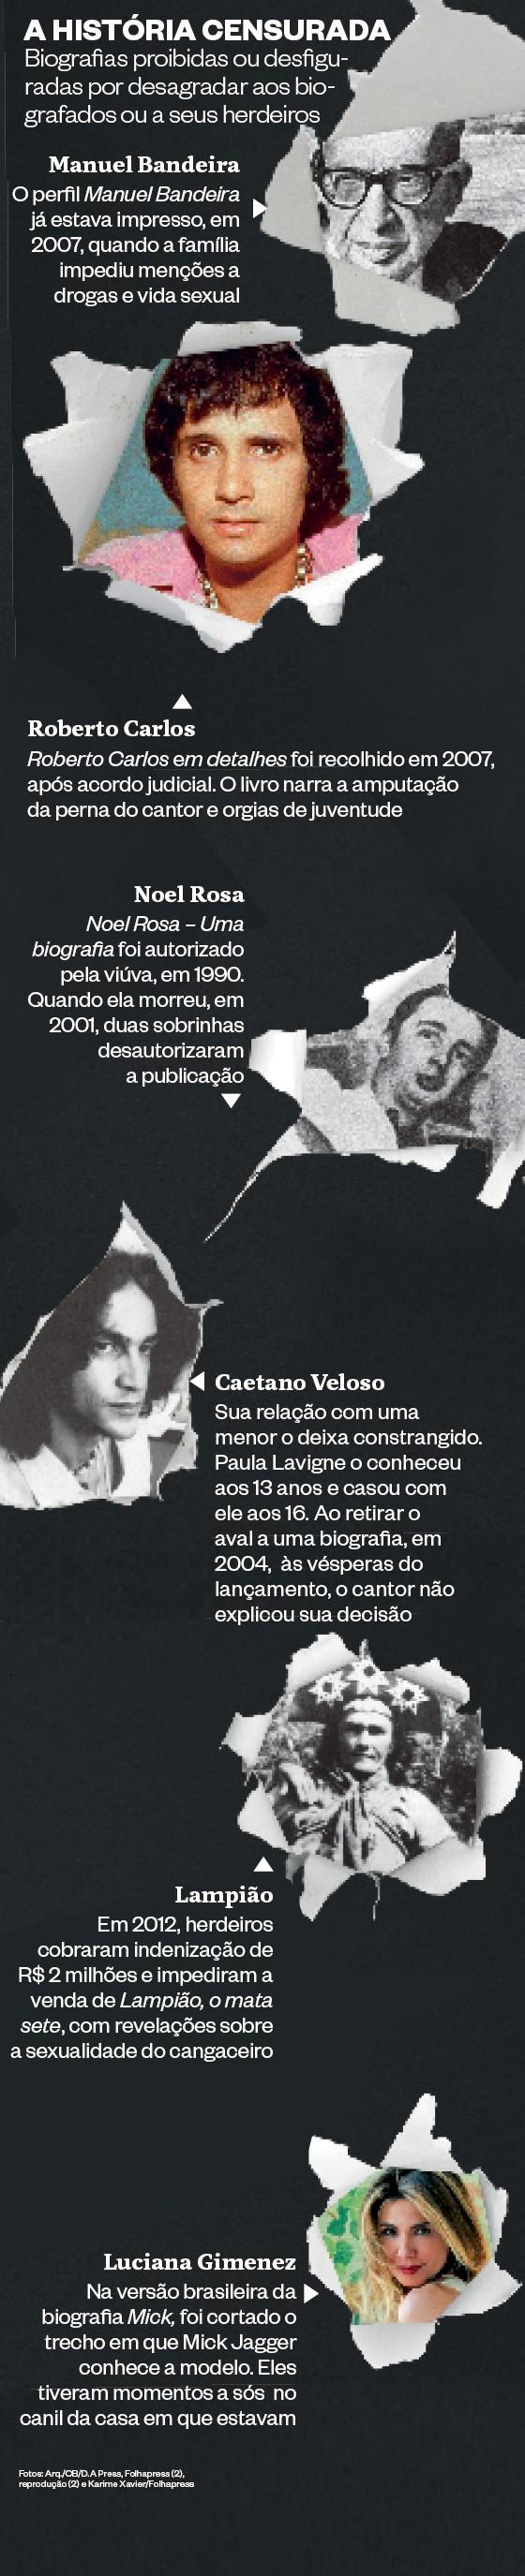 Infográfico sobre a história censurada  (Foto: época )